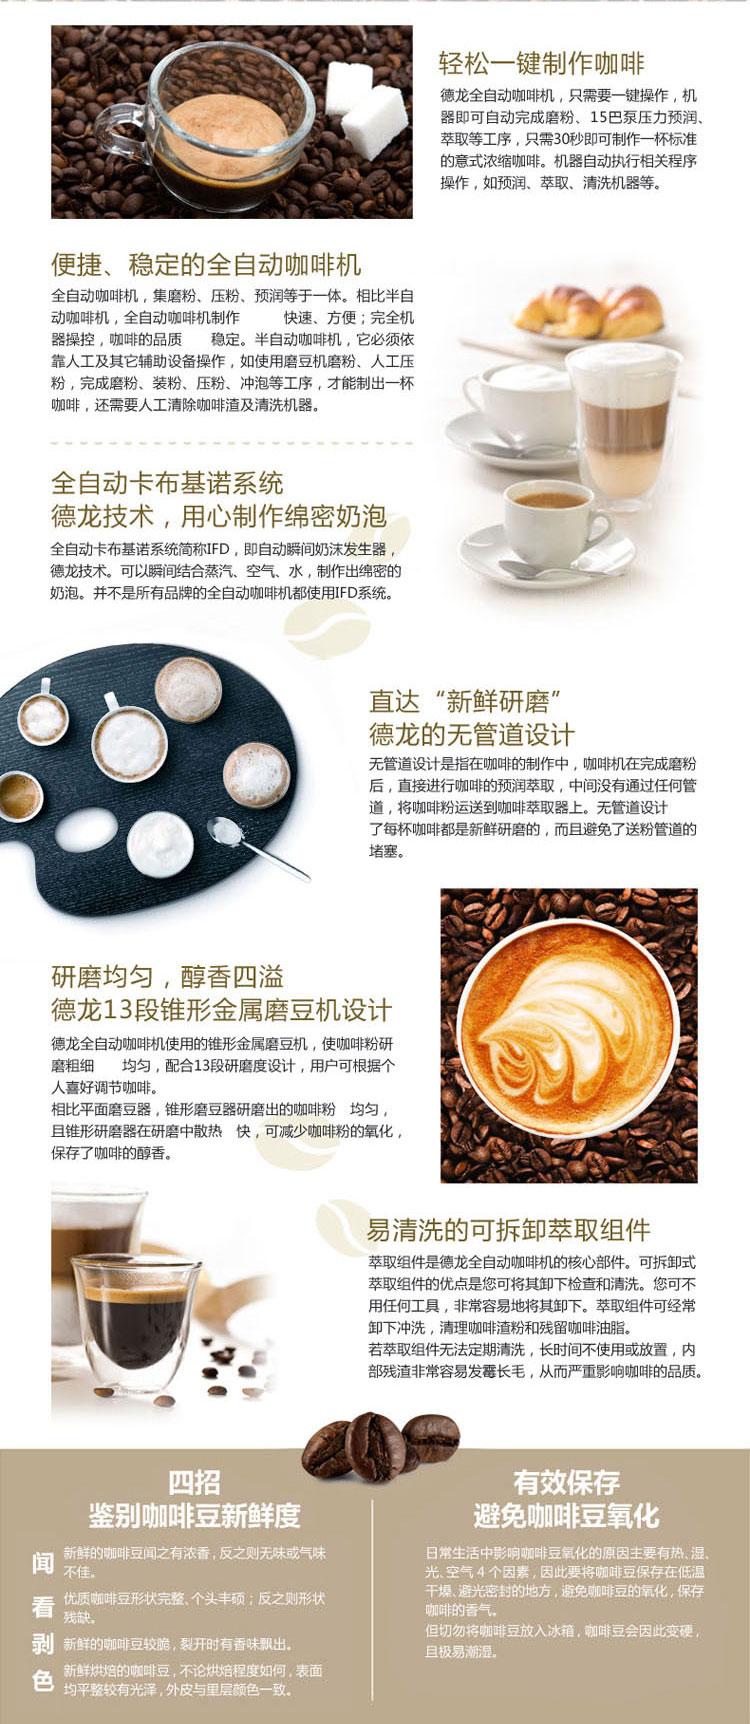 德龙(Delonghi)半自动咖啡机意式浓缩泵压咖啡机 银色